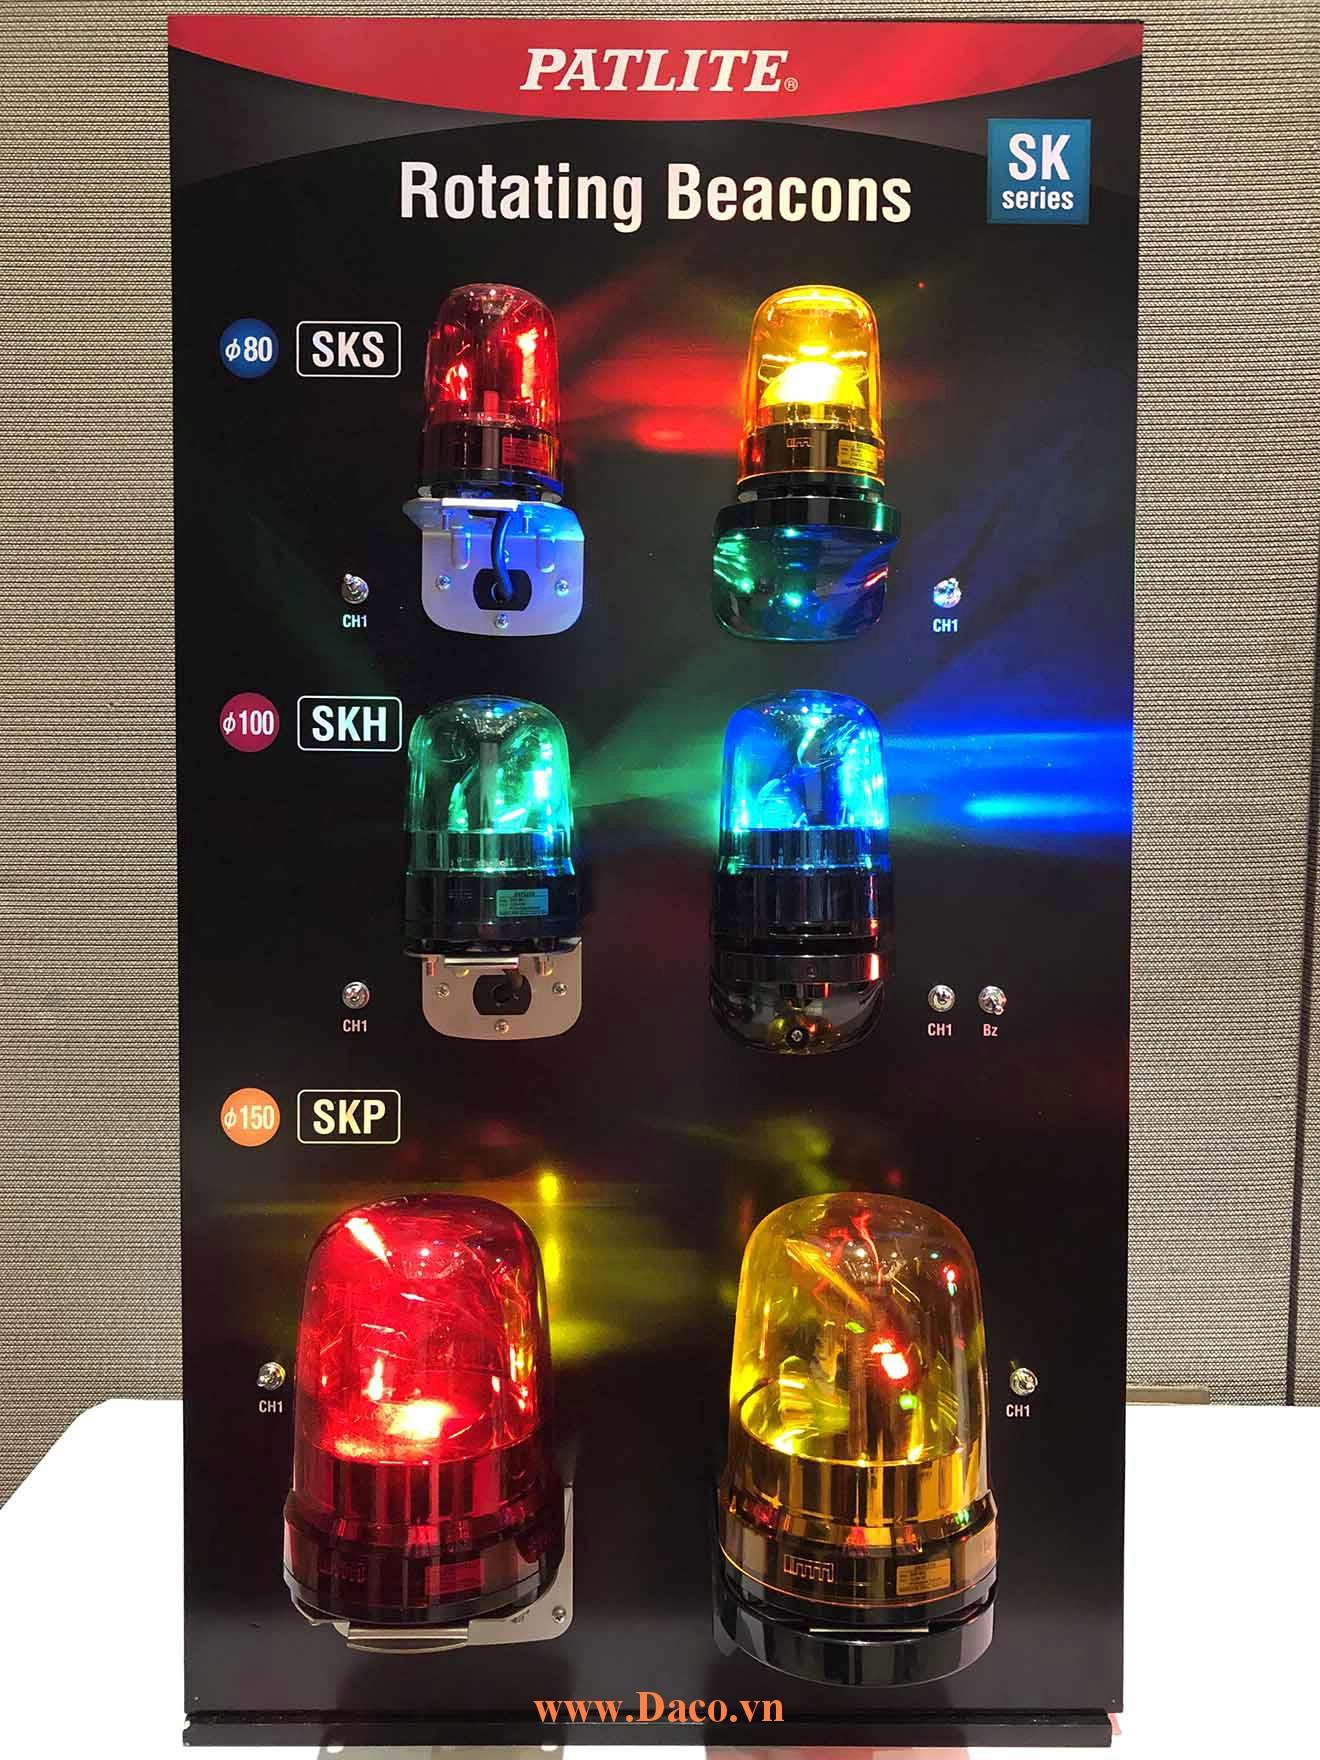 Hình ảnh thực tế sản phẩm đèn báo Patlite Quay Xoay SKS-SKH-SKP